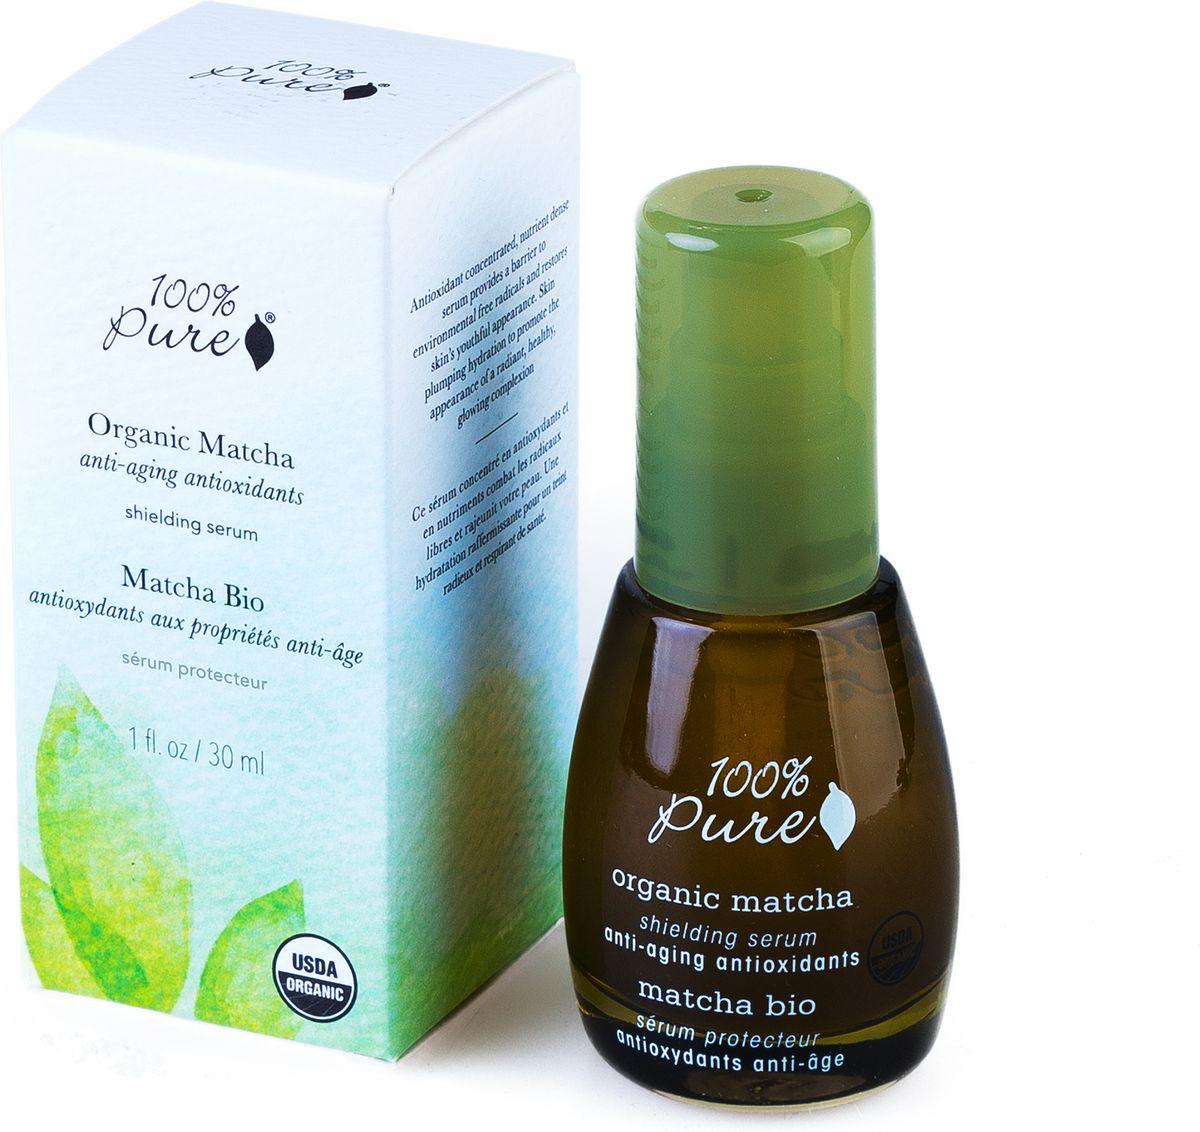 100% Pure Коллекция Зелёный Чай Matcha: Органическая защитная сыворотка для лица. 30 млFS-00103МУЛЬТИВИТАМИНЫ И АТНИОКСИДАНТЫ. Антиоксидантная сыворотка, богатая питательными веществами, блокирует свободные радикалы и восстанавливает поврежденную кожу. Увлажняет и подтягивает для придания Вашей коже здорового и сияющего вида. Сертификация USDA organic.